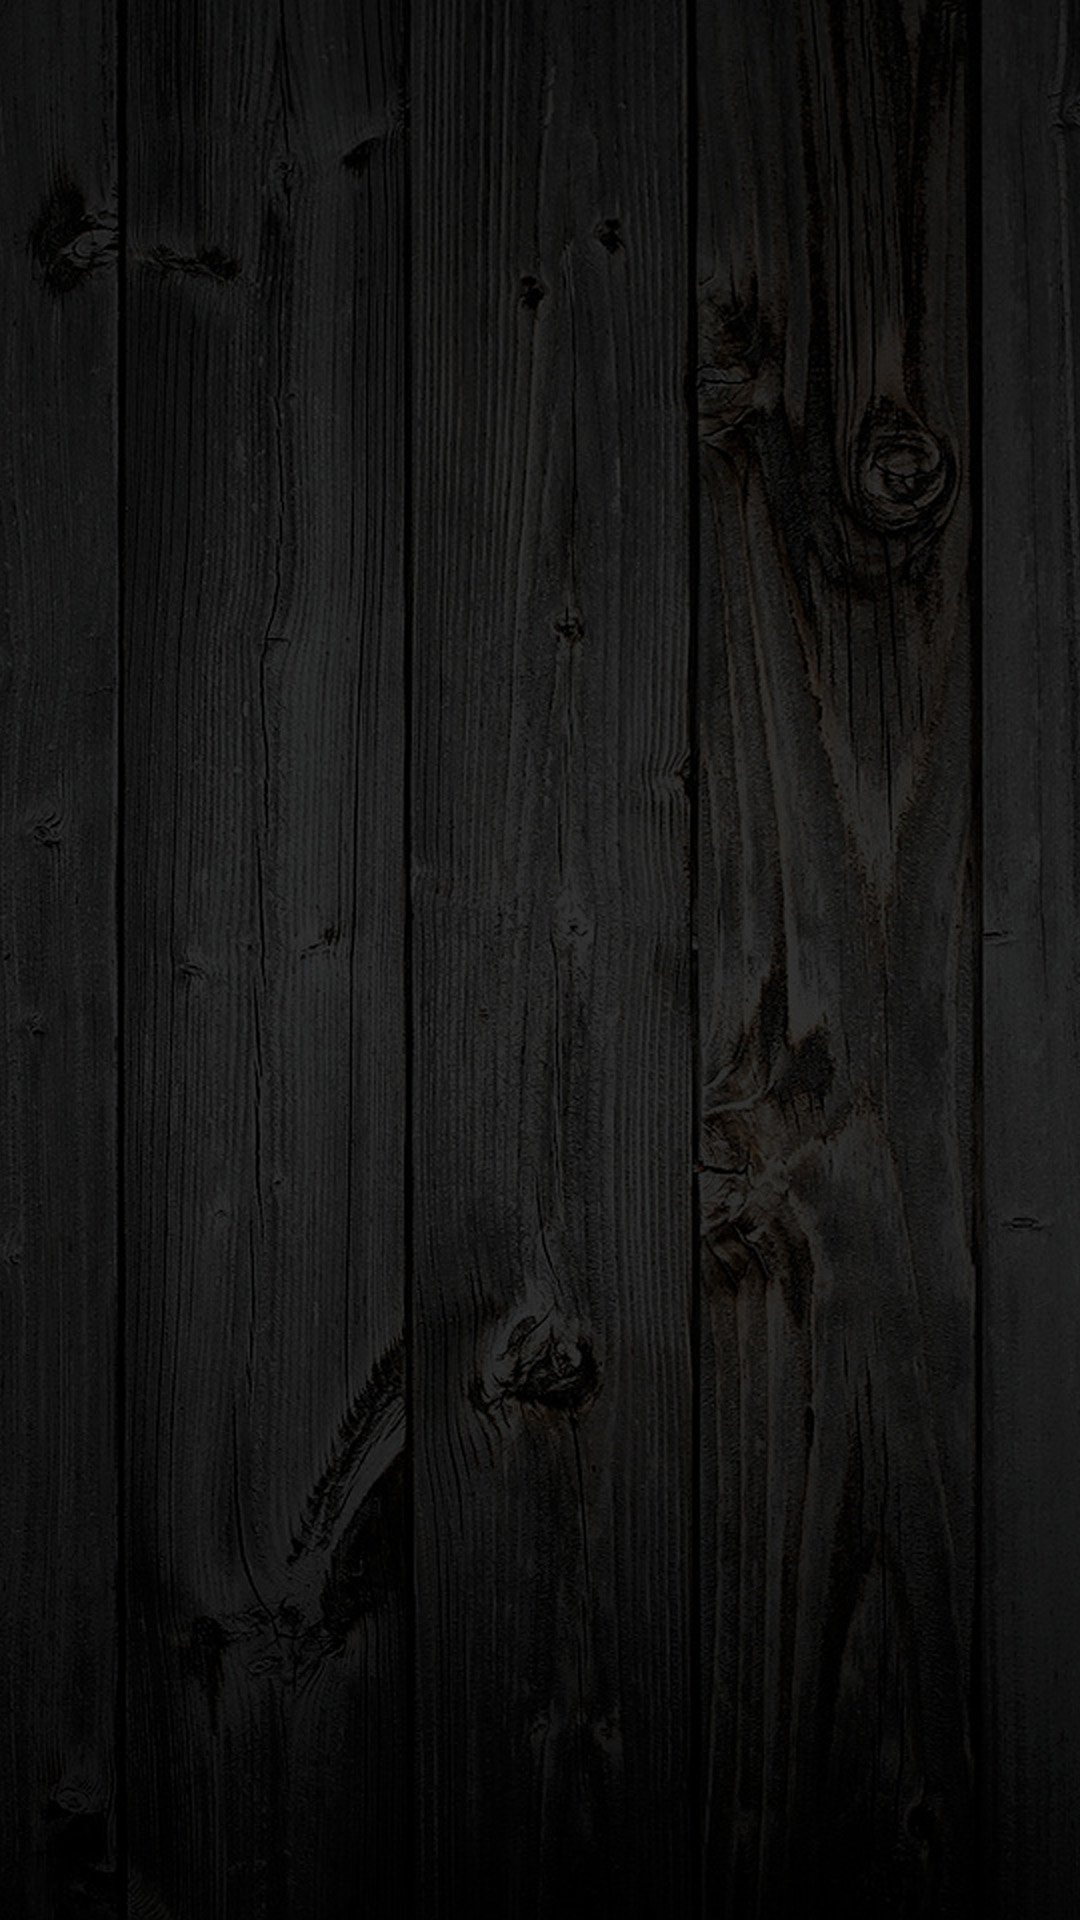 Iphone 6 Plus Wood Wallpaper Wallpapersafari